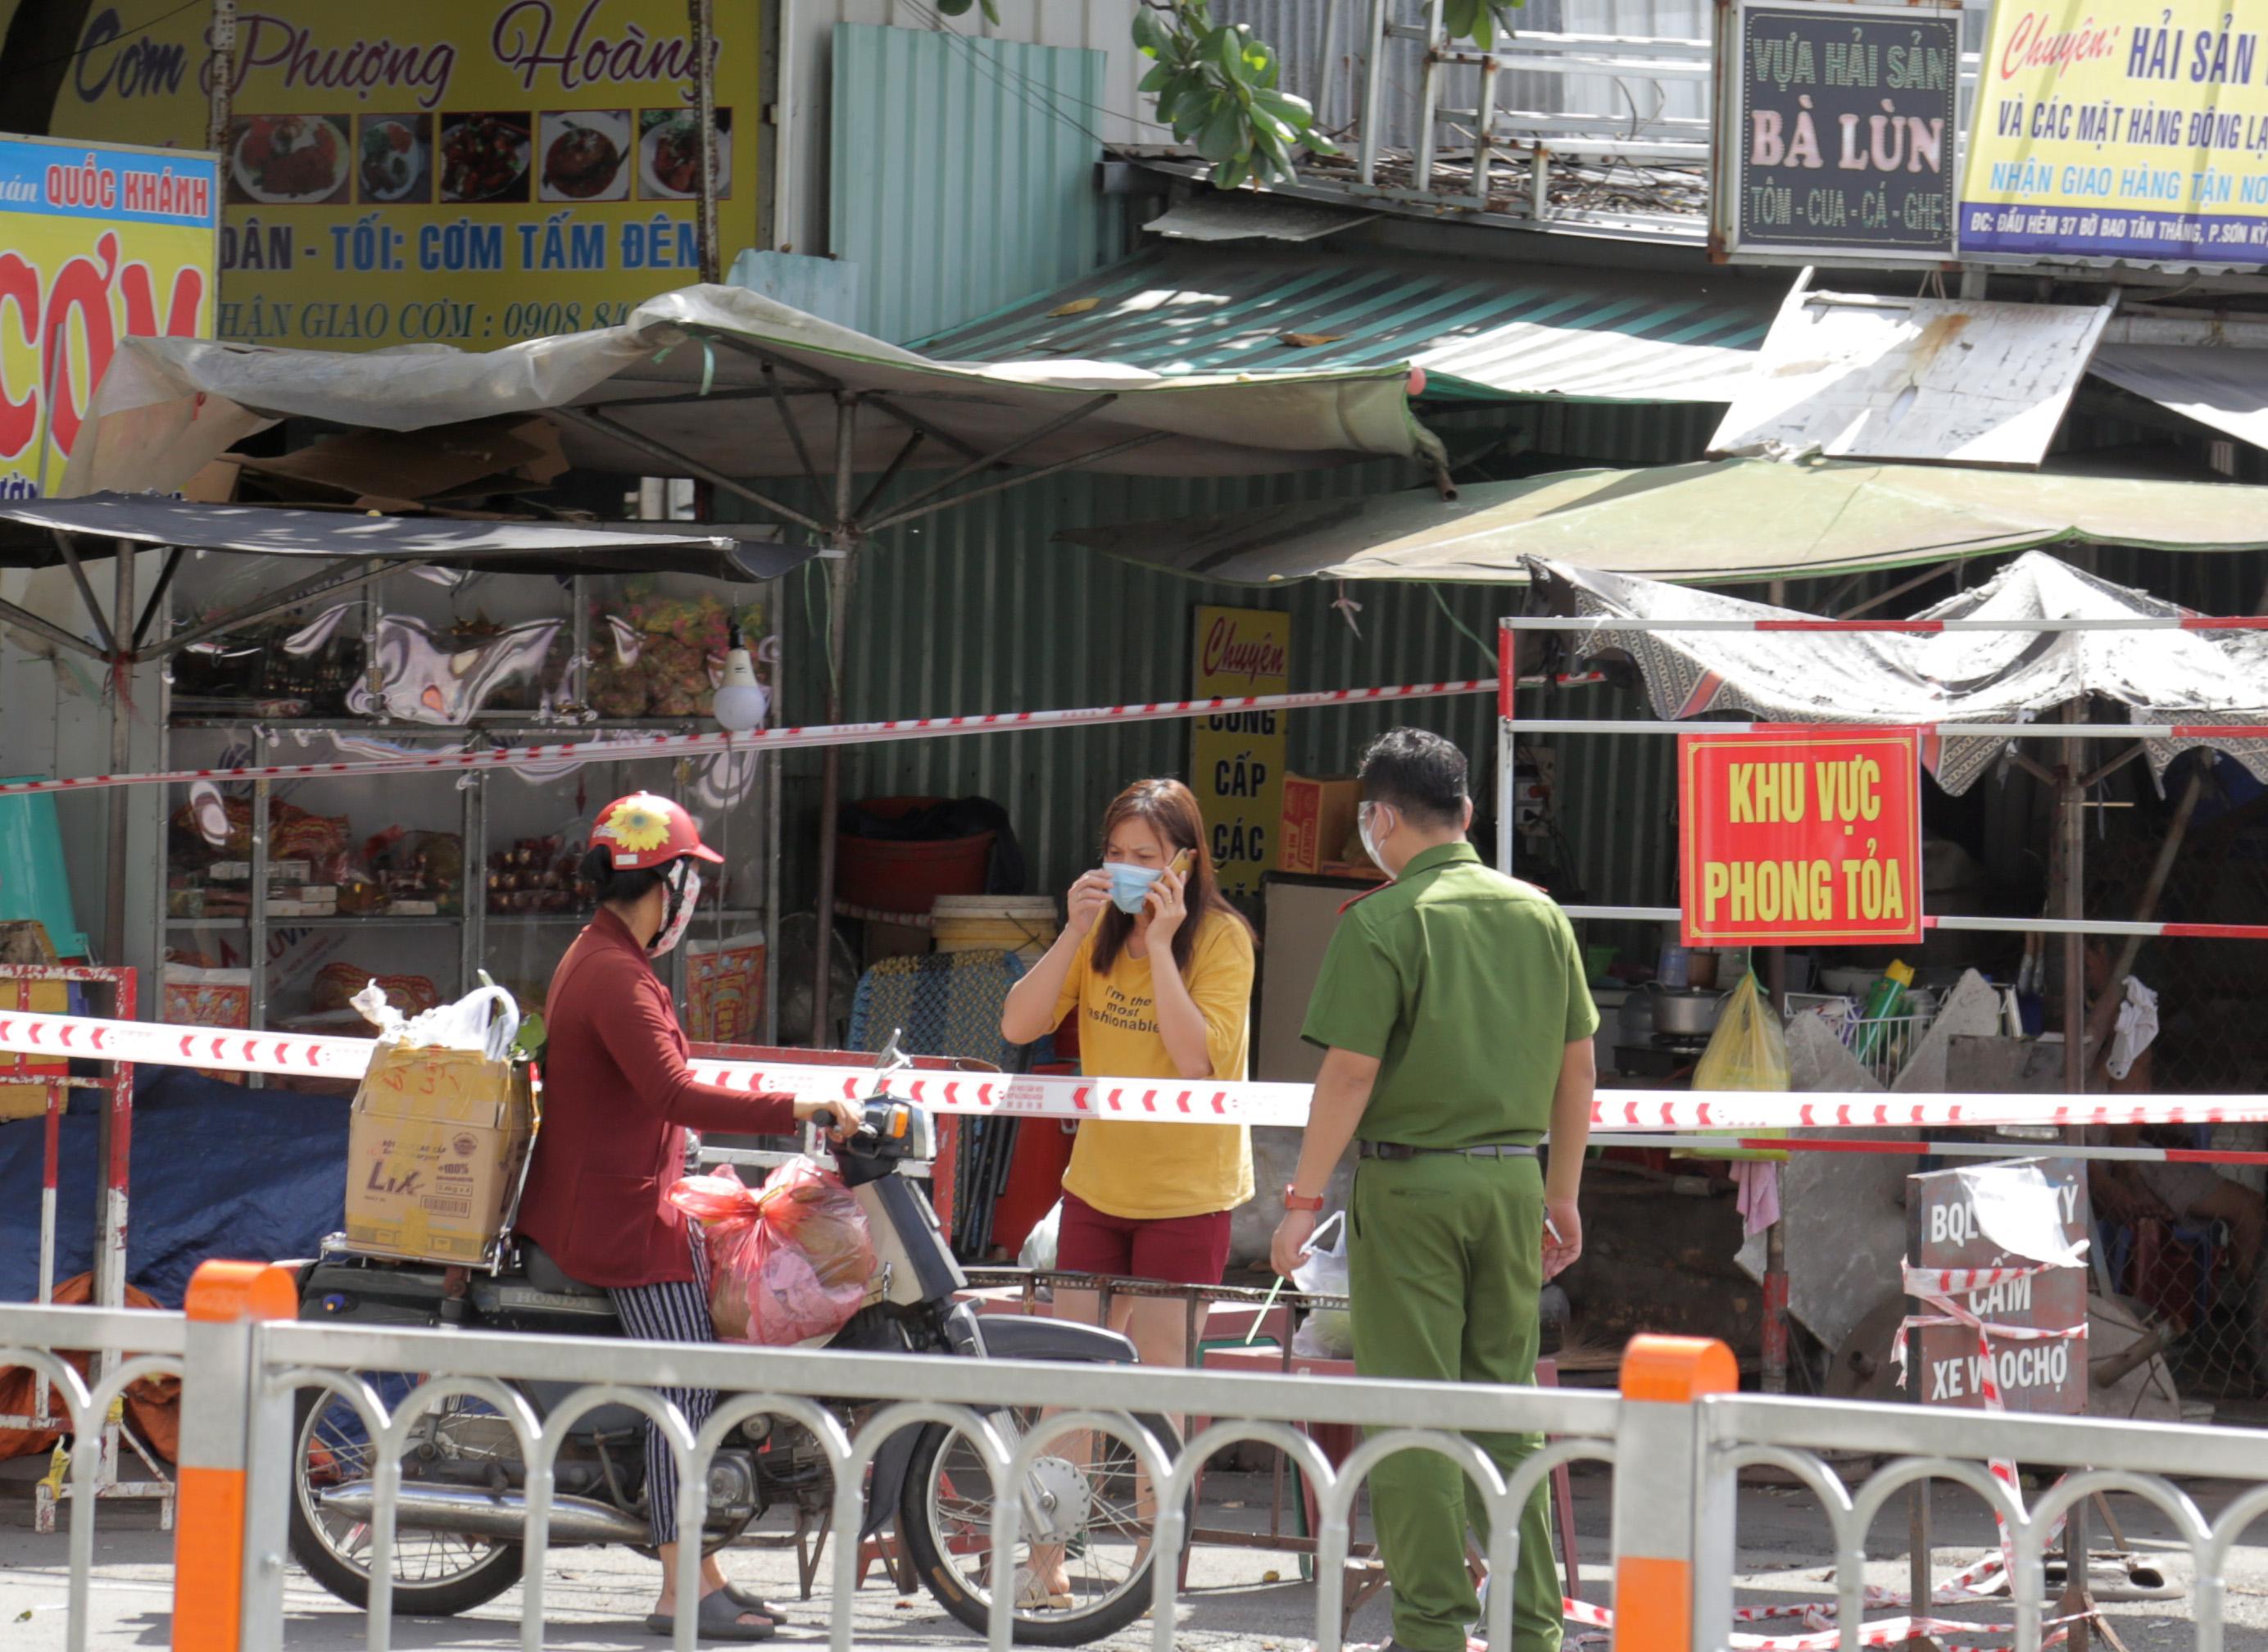 Ảnh: Phong tỏa mọi ngóc ngách, xét nghiệm hàng trăm người tại chợ ở Tân Phú vì dịch COVID-19 phức tạp - 5